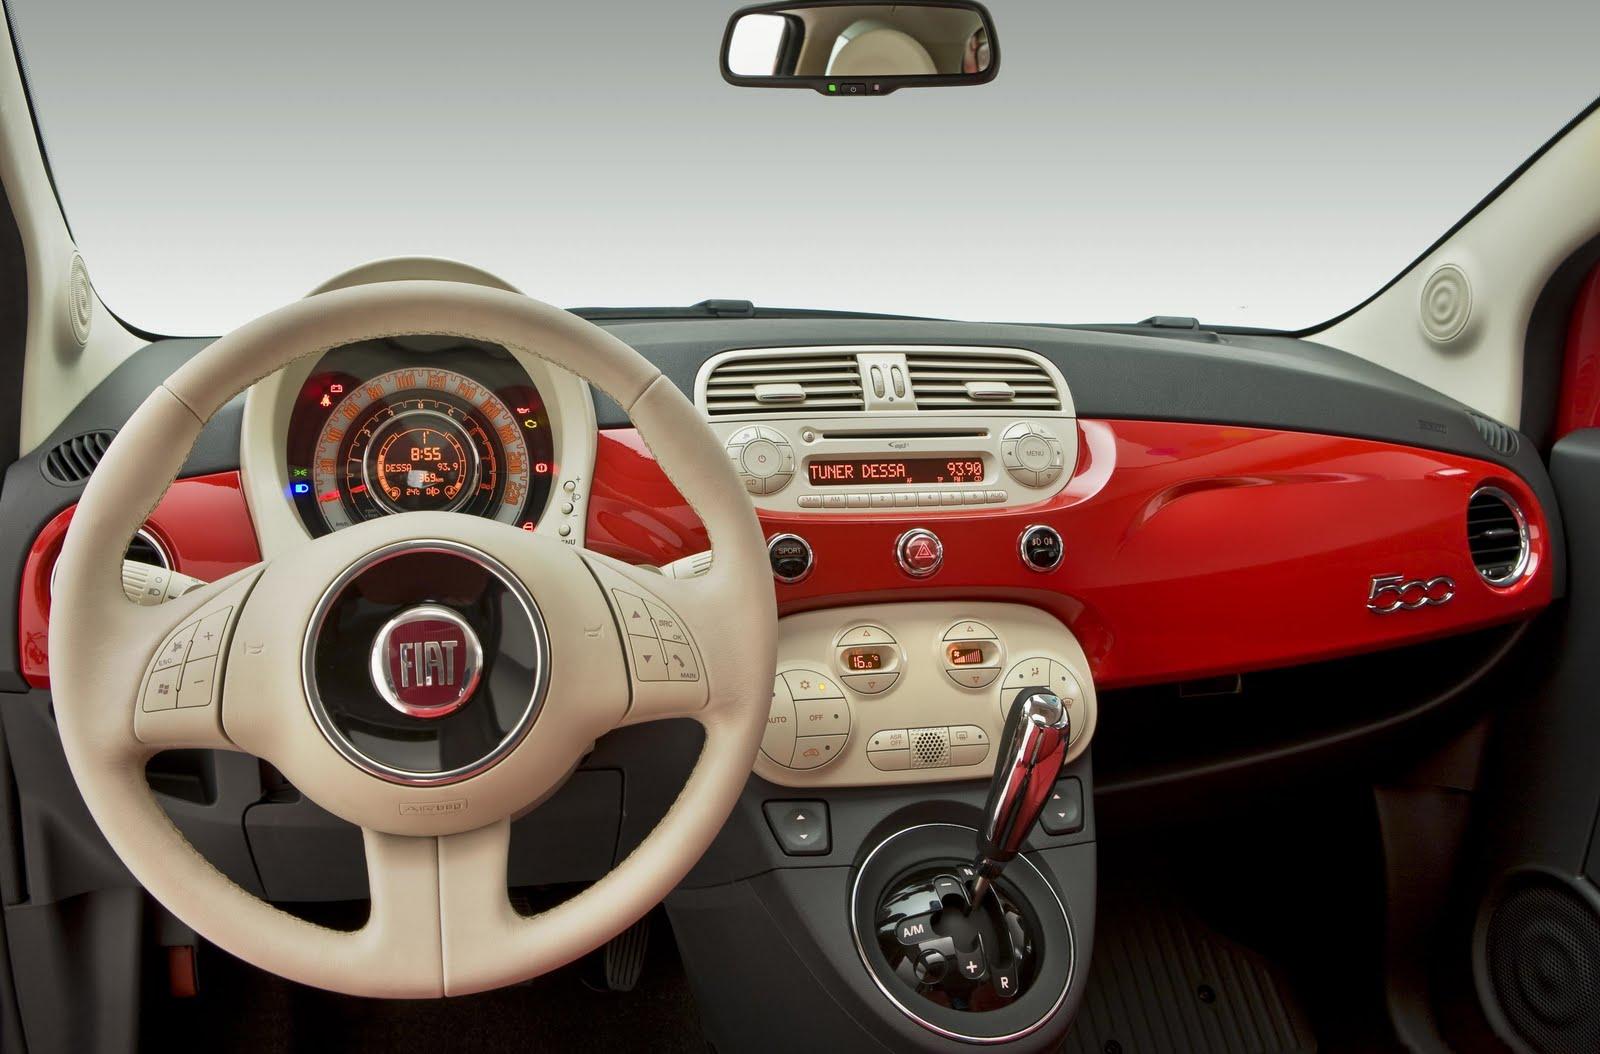 FIAT 500C red